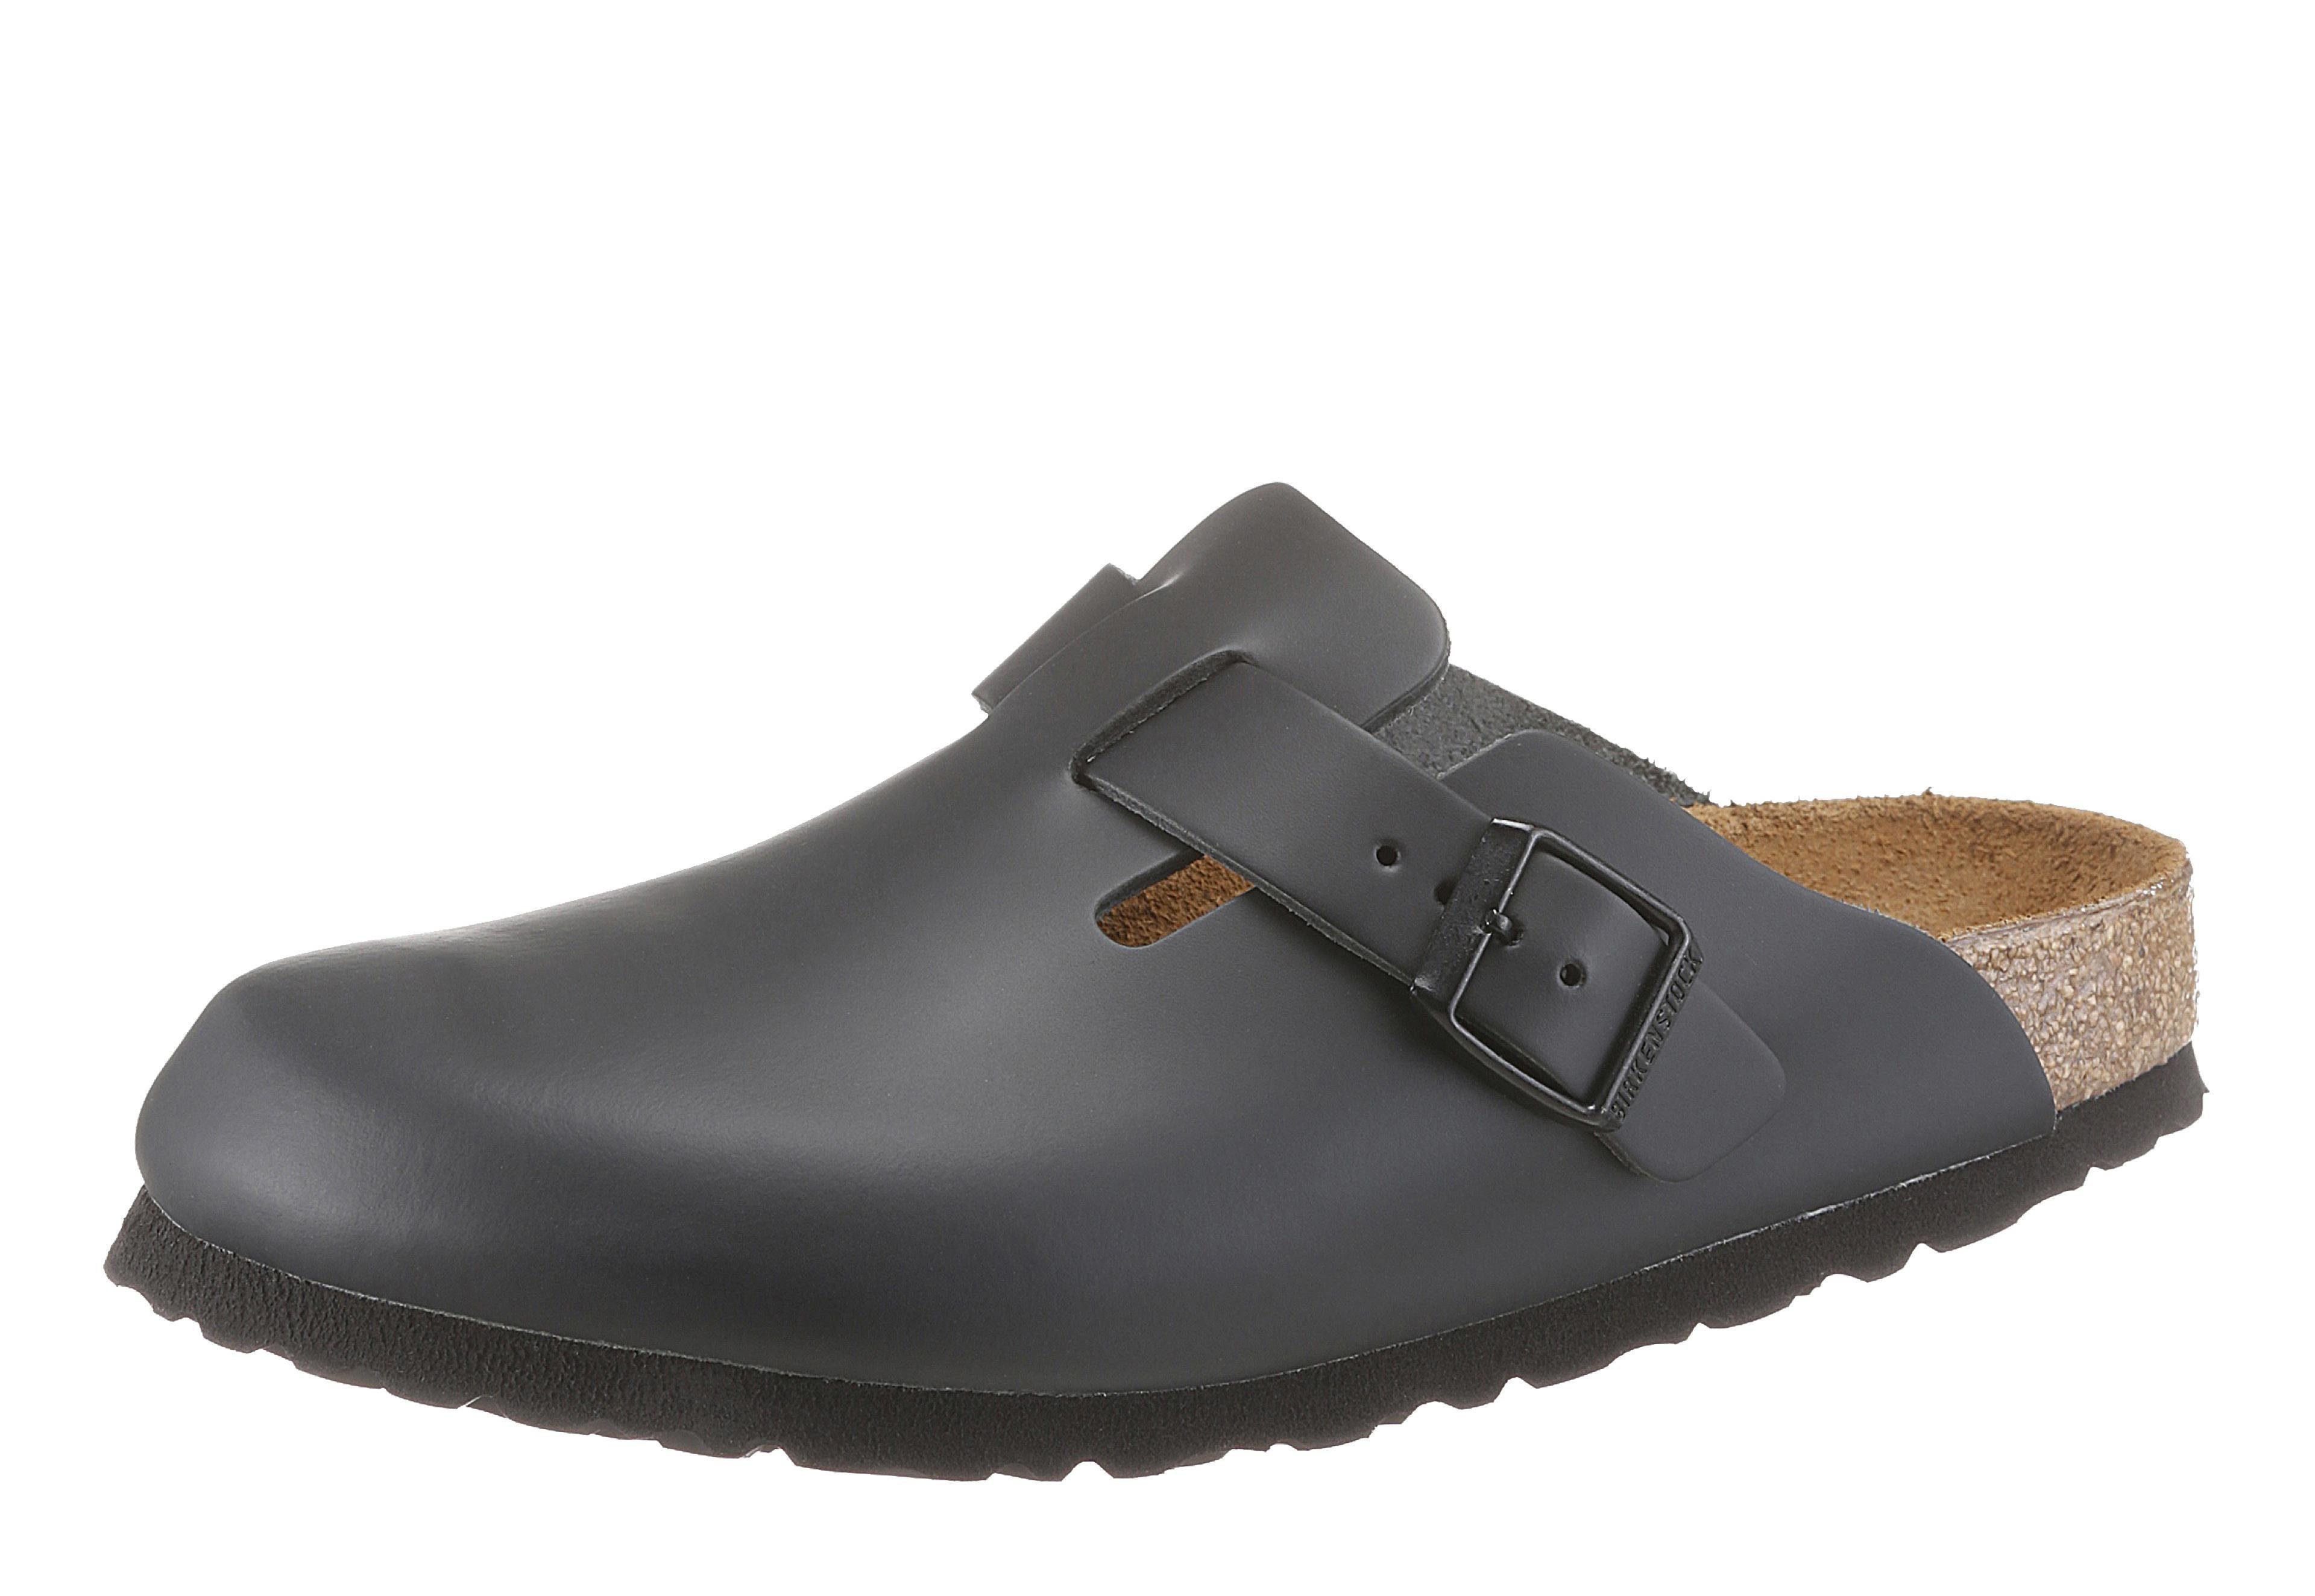 Birkenstock BOSTON Clog, in schmaler Schuhweite und klassischem Look online kaufen  schwarz